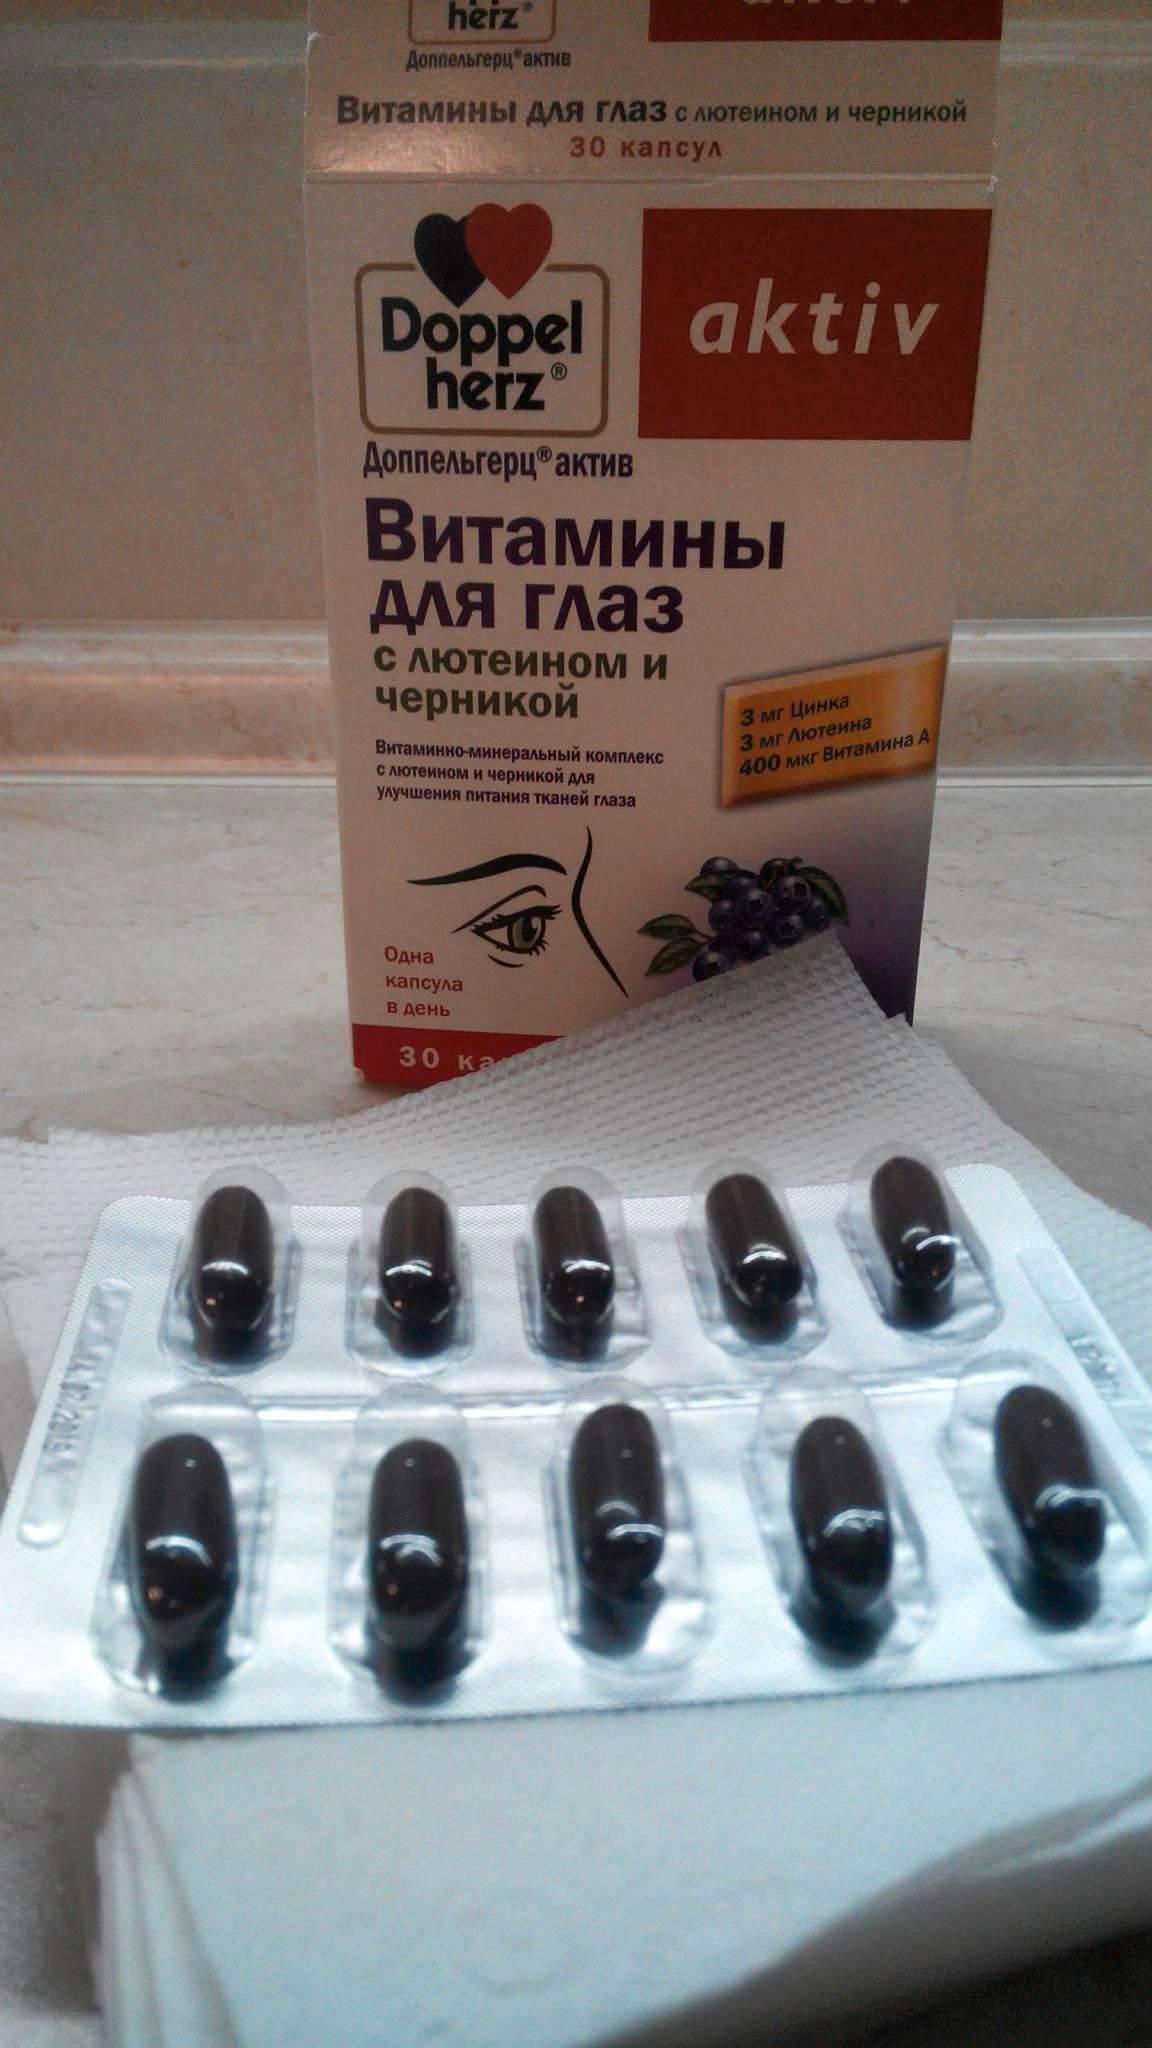 Офтальмовит доппельгерц: инструкция, отзывы, аналоги, цена в аптеках - медицинский портал medcentre24.ru